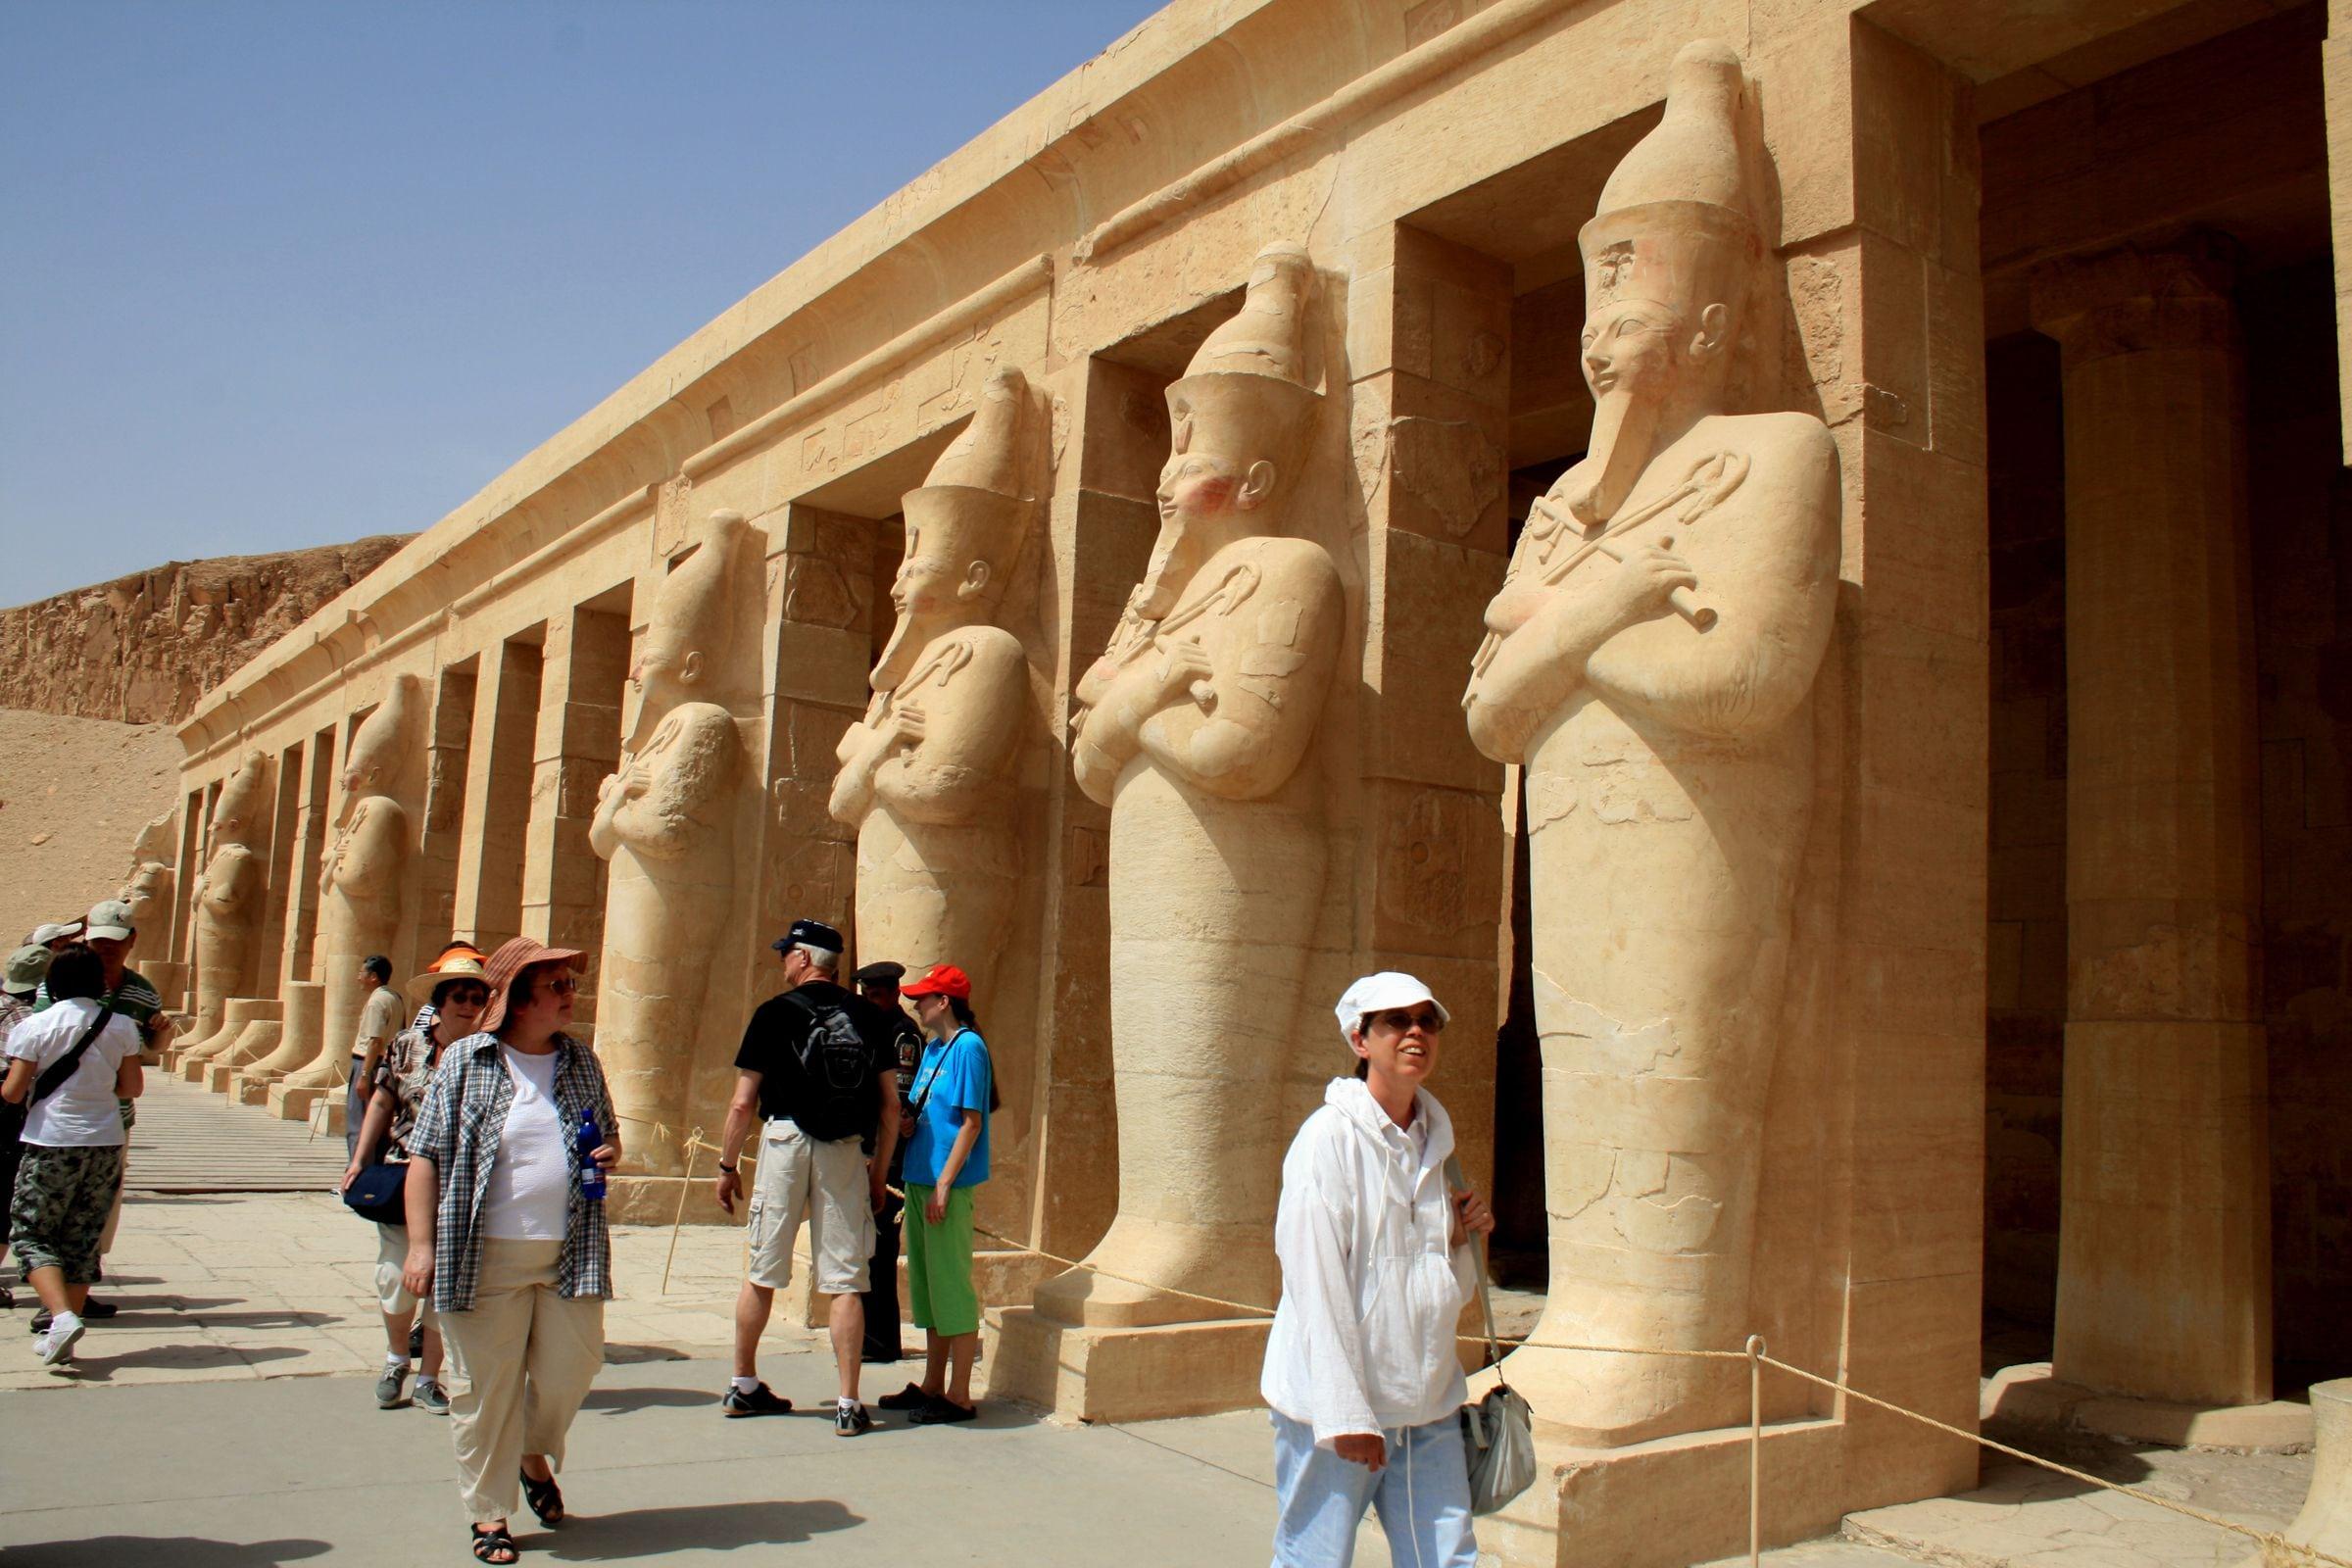 معبد الملكه حتشبيسوت مصر